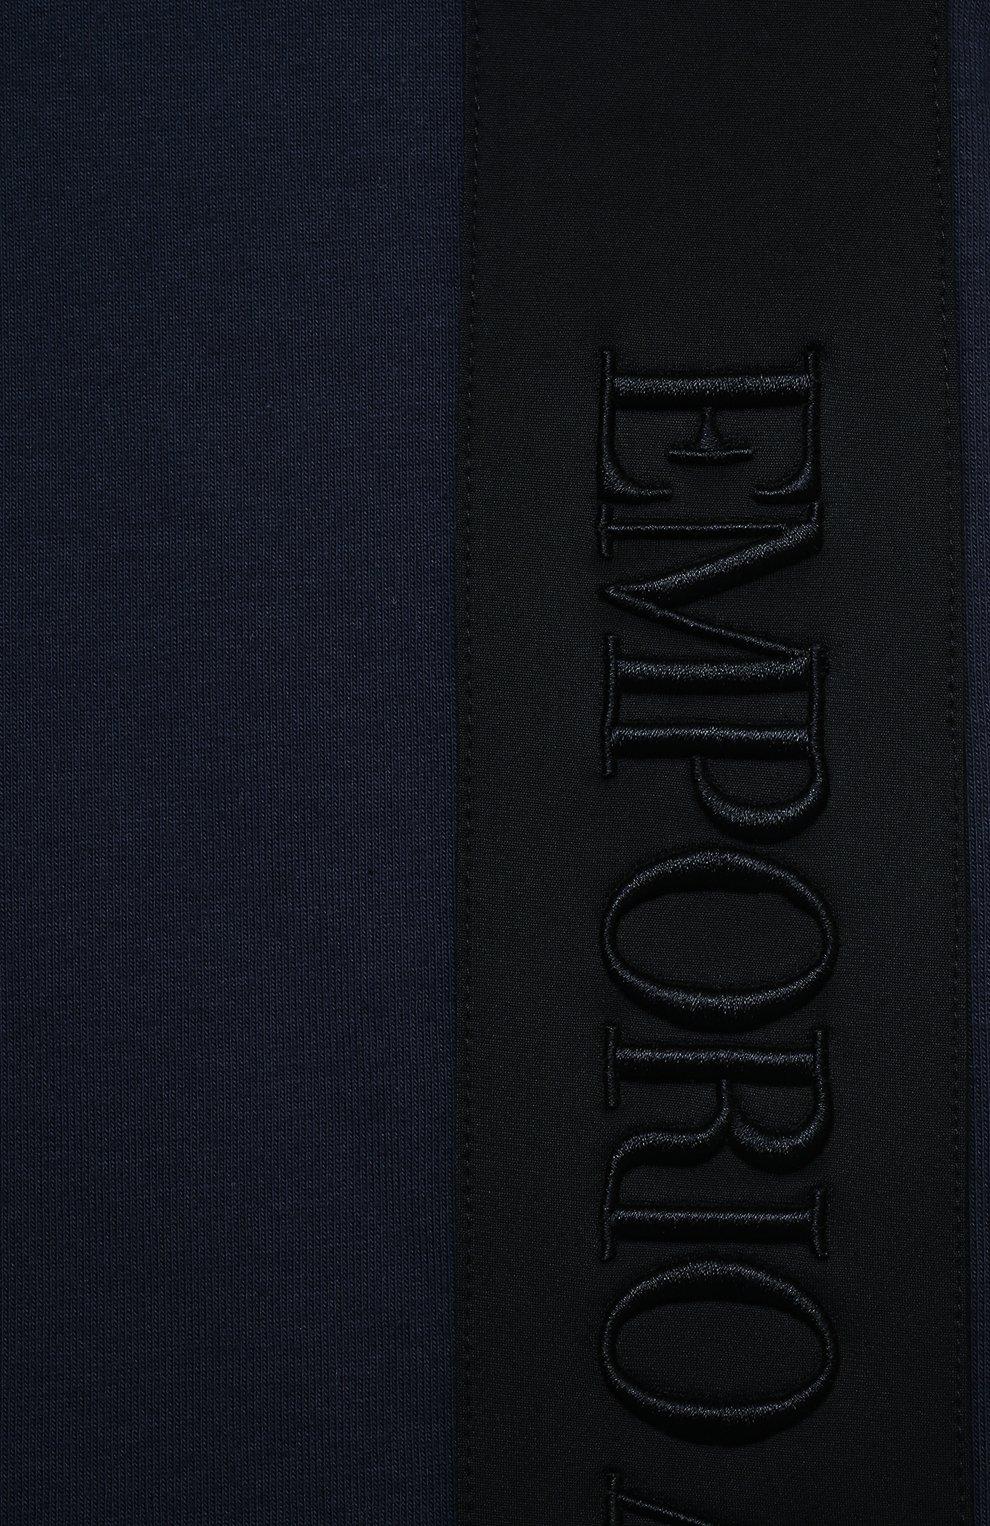 Детского комплект из футболки и шорт EMPORIO ARMANI темно-синего цвета, арт. 3K4VJG/4JJGZ | Фото 6 (Рукава: Короткие; Материал внешний: Хлопок; Мальчики Кросс-КТ: Костюмы-спорт; Ростовка одежда: 10 - 11 лет | 140 - 146см, 13 - 15 лет | 158 см, 16 лет | 164 см, 4 года | 104 см, 5 лет | 110 см, 6 лет | 116 см, 7 лет | 122 см, 8 лет | 128 см)